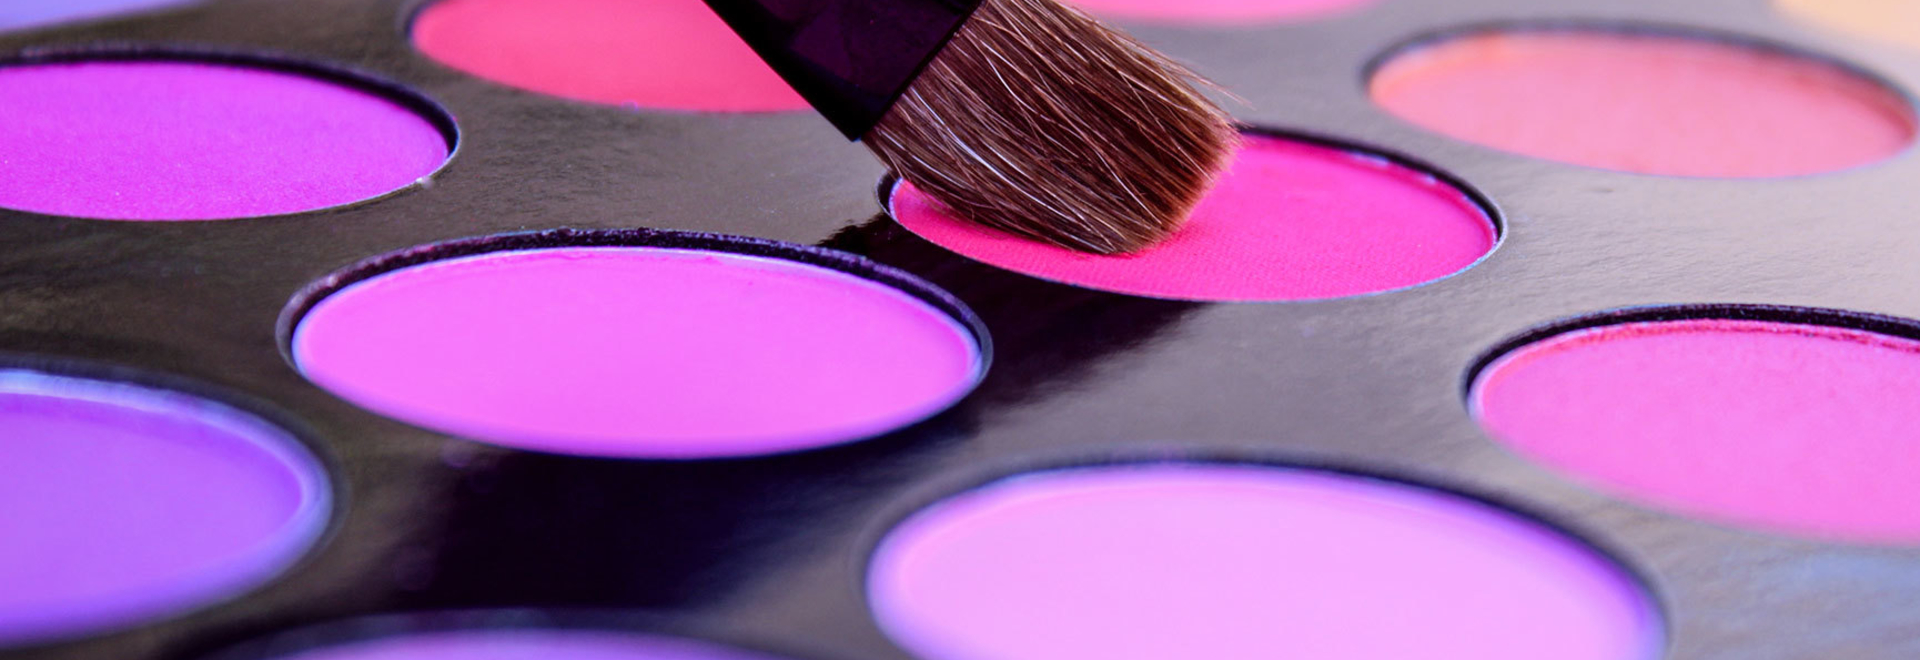 Optimiser la performance du dioxyde de titane dans les cosmétiques et les pigments tout en étant conscient des problèmes de toxicité